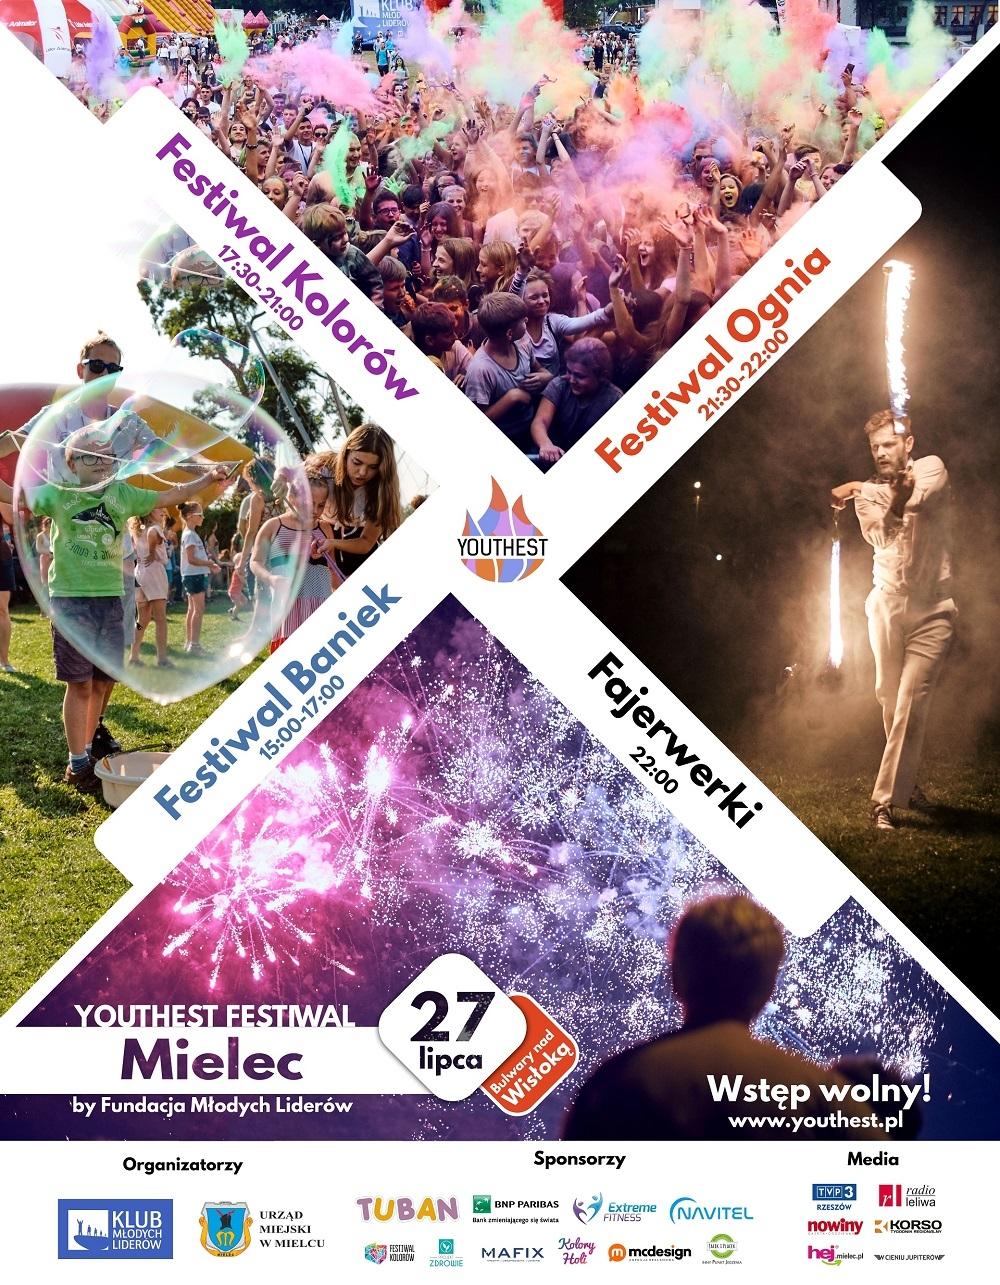 Festiwal Youthest w Mielcu już w ten weekend!  - Zdjęcie główne